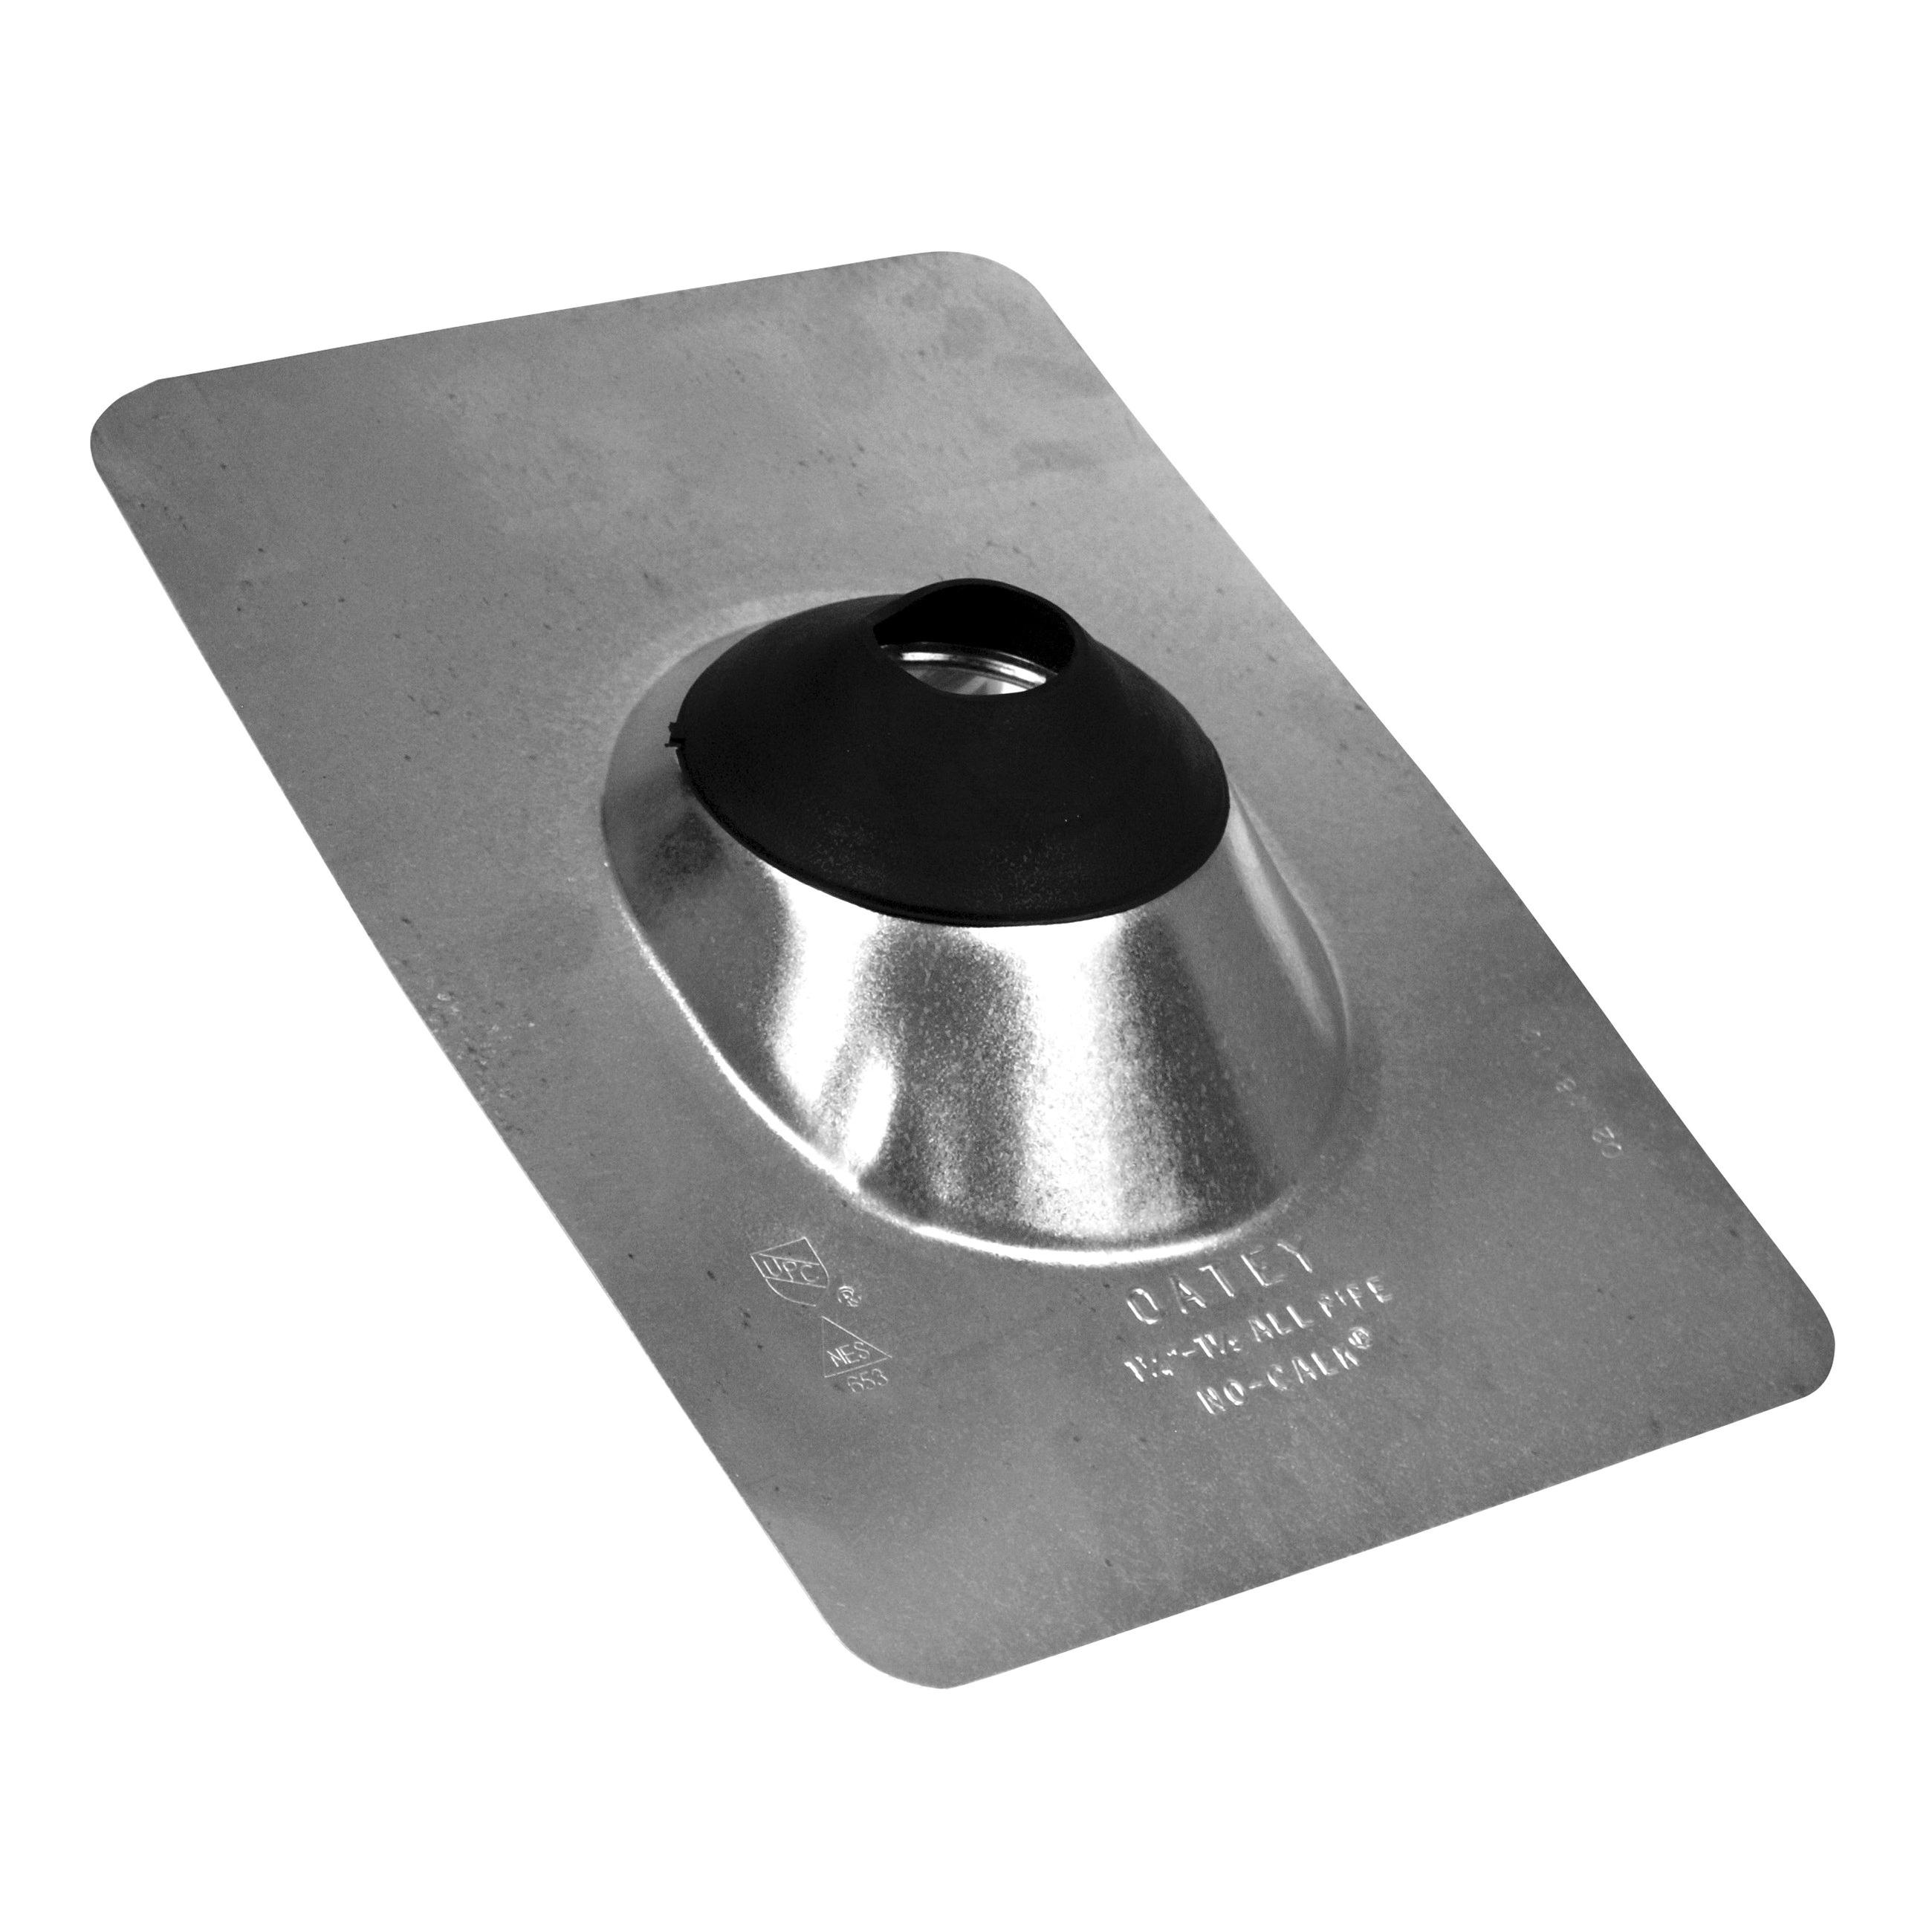 Oatey® No-Calk® 11840 Roof Flashing, 12-1/2 in L x 9 in W Base, 1 in Pipe